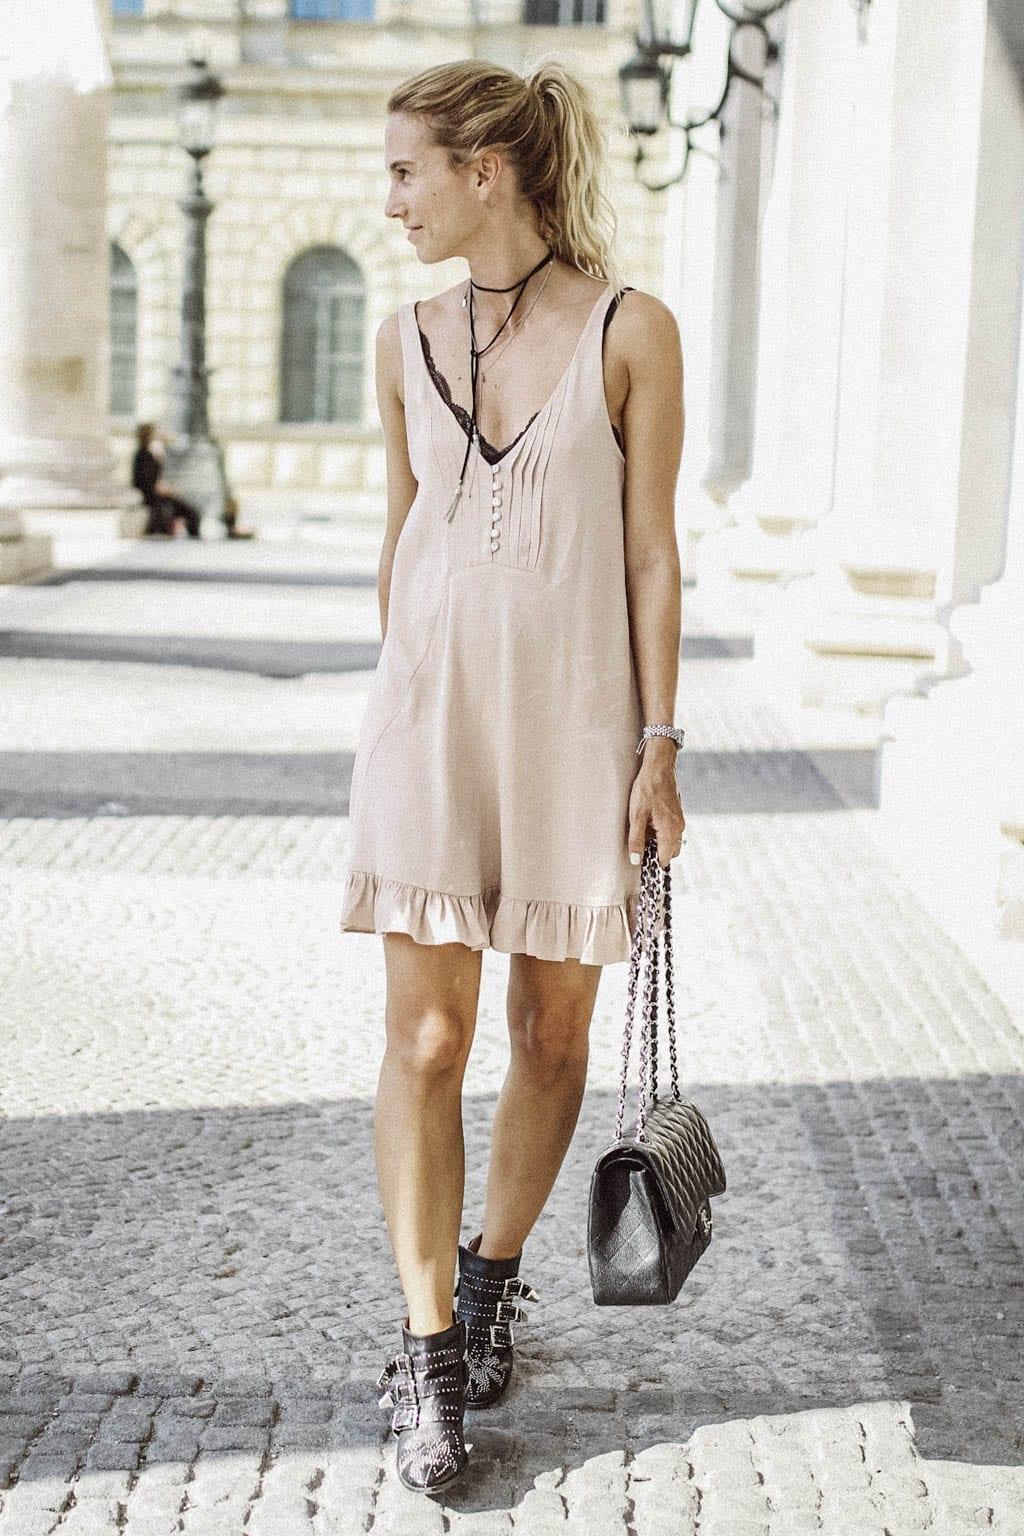 CK-Constantlly-K-Fashion-Street-Style-Blog-Munich-München-2